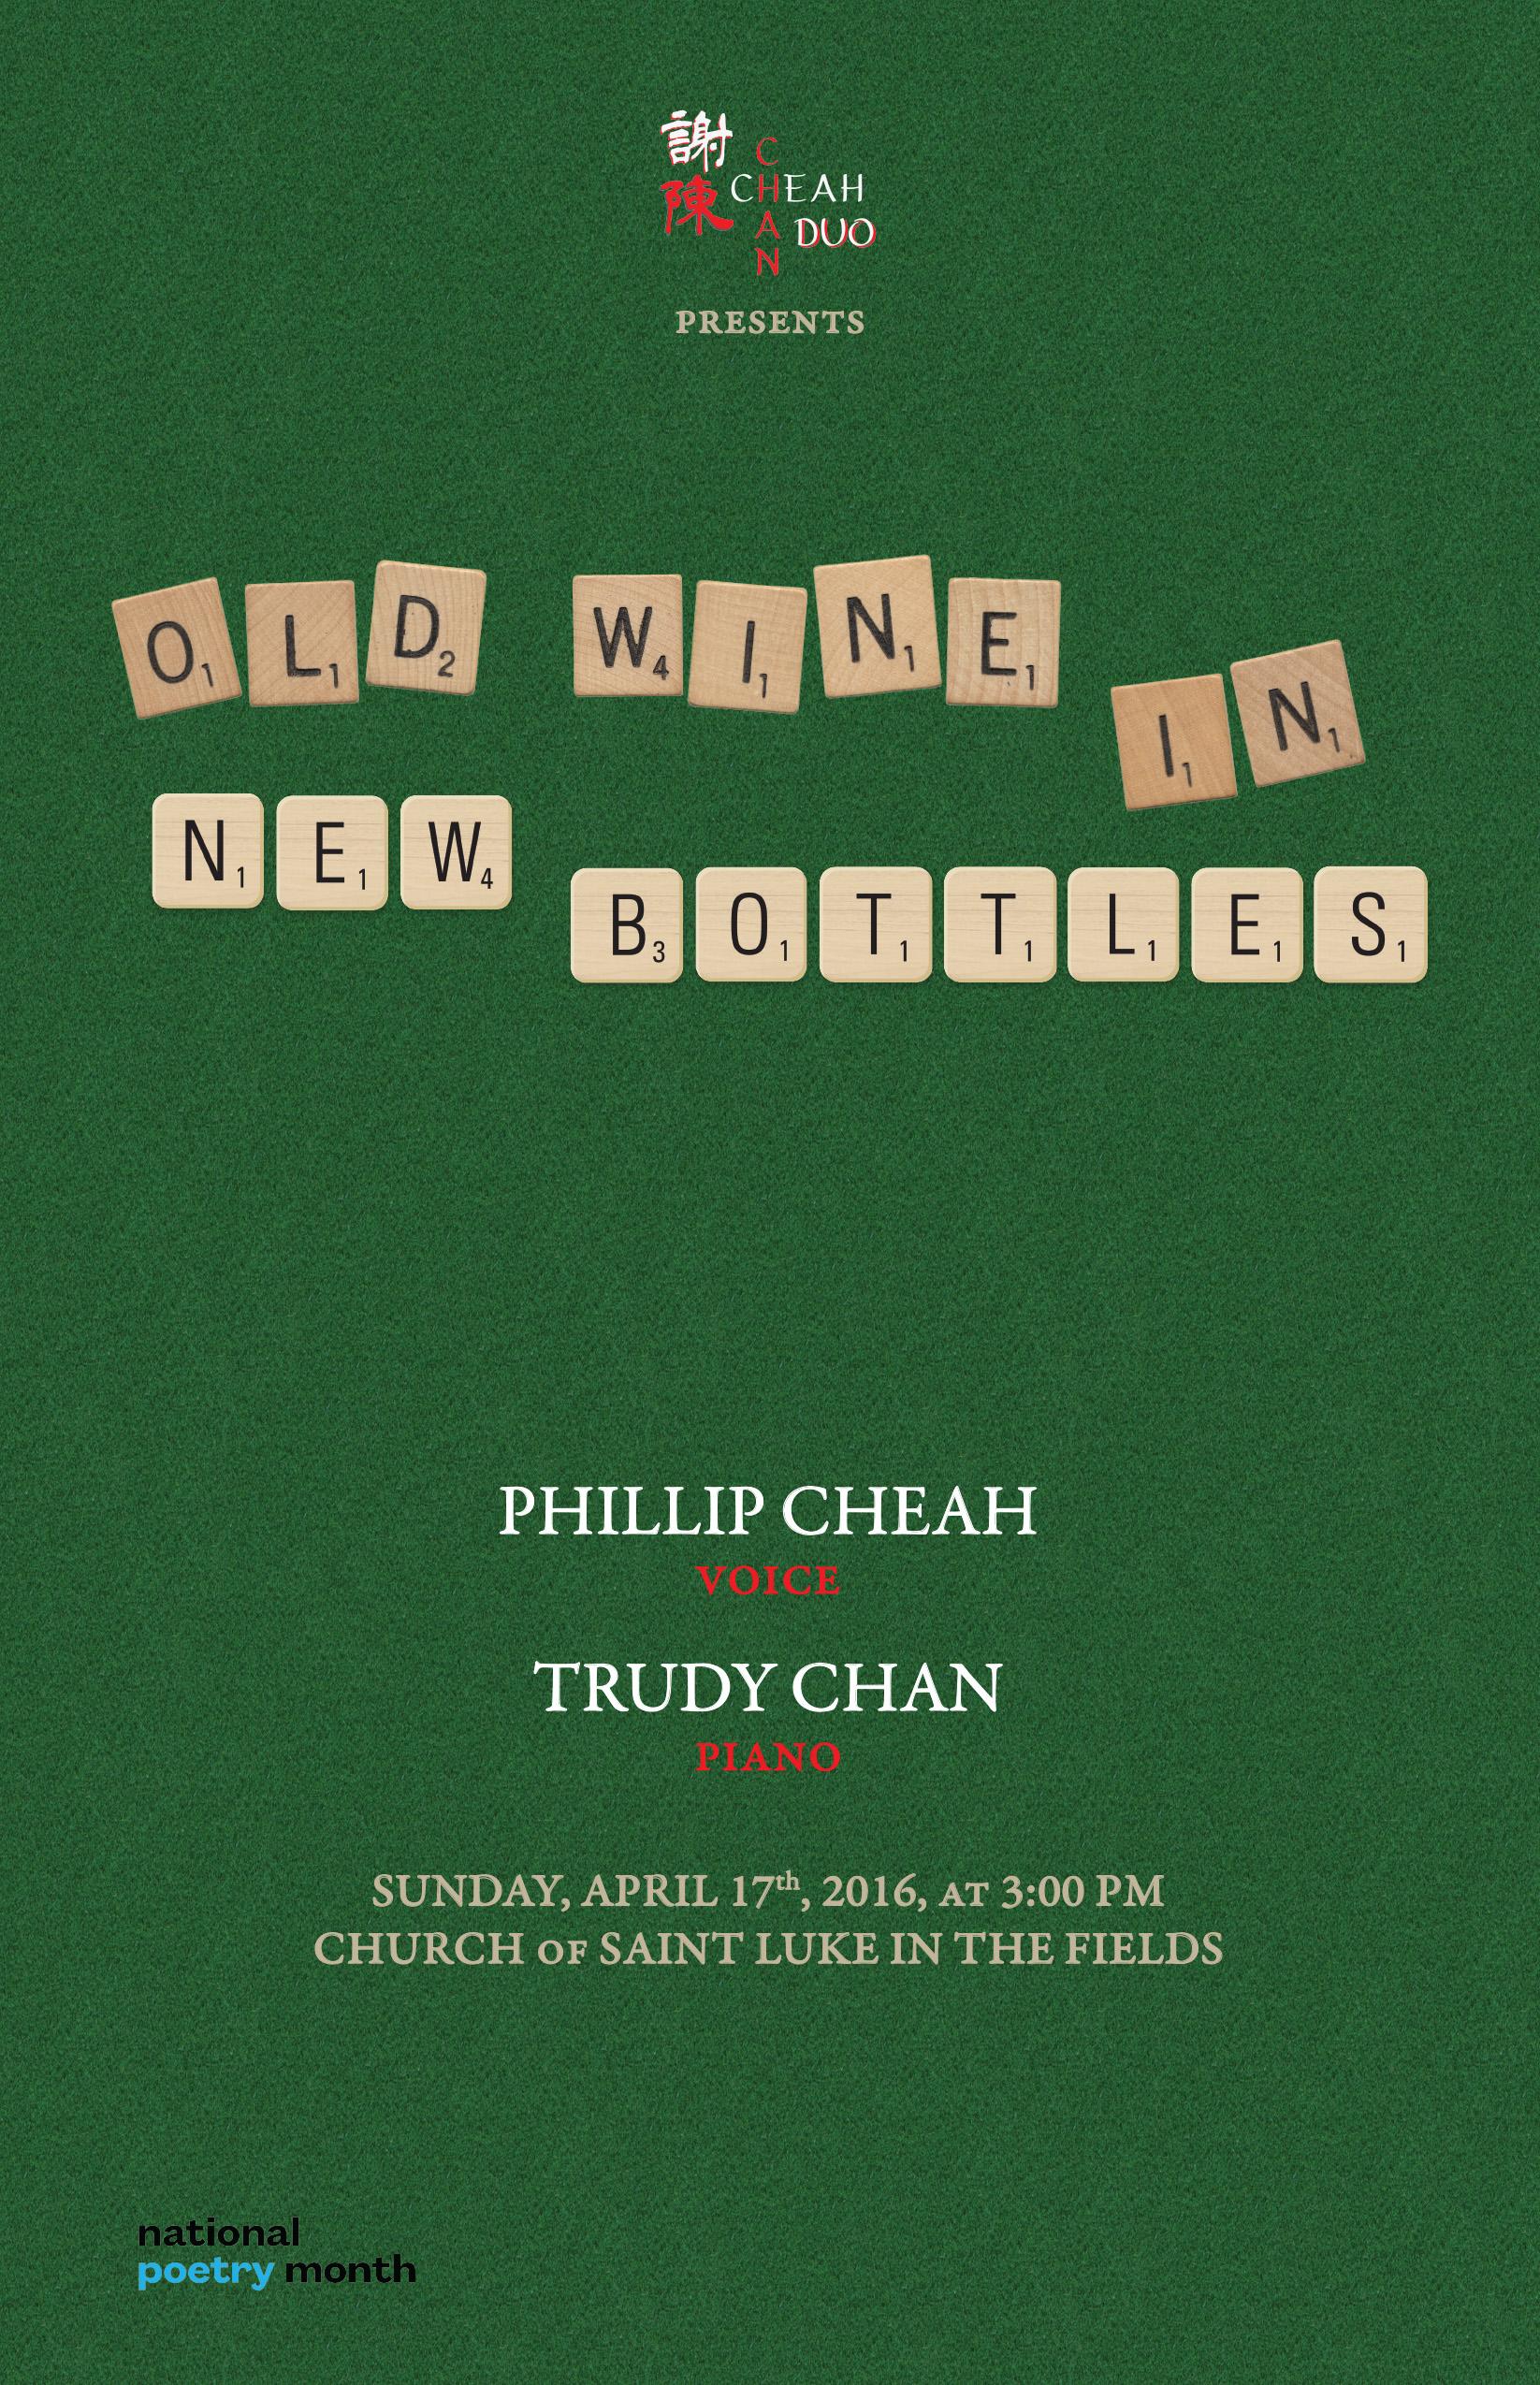 Old Wine in New Bottles Programme Cover for website.jpg